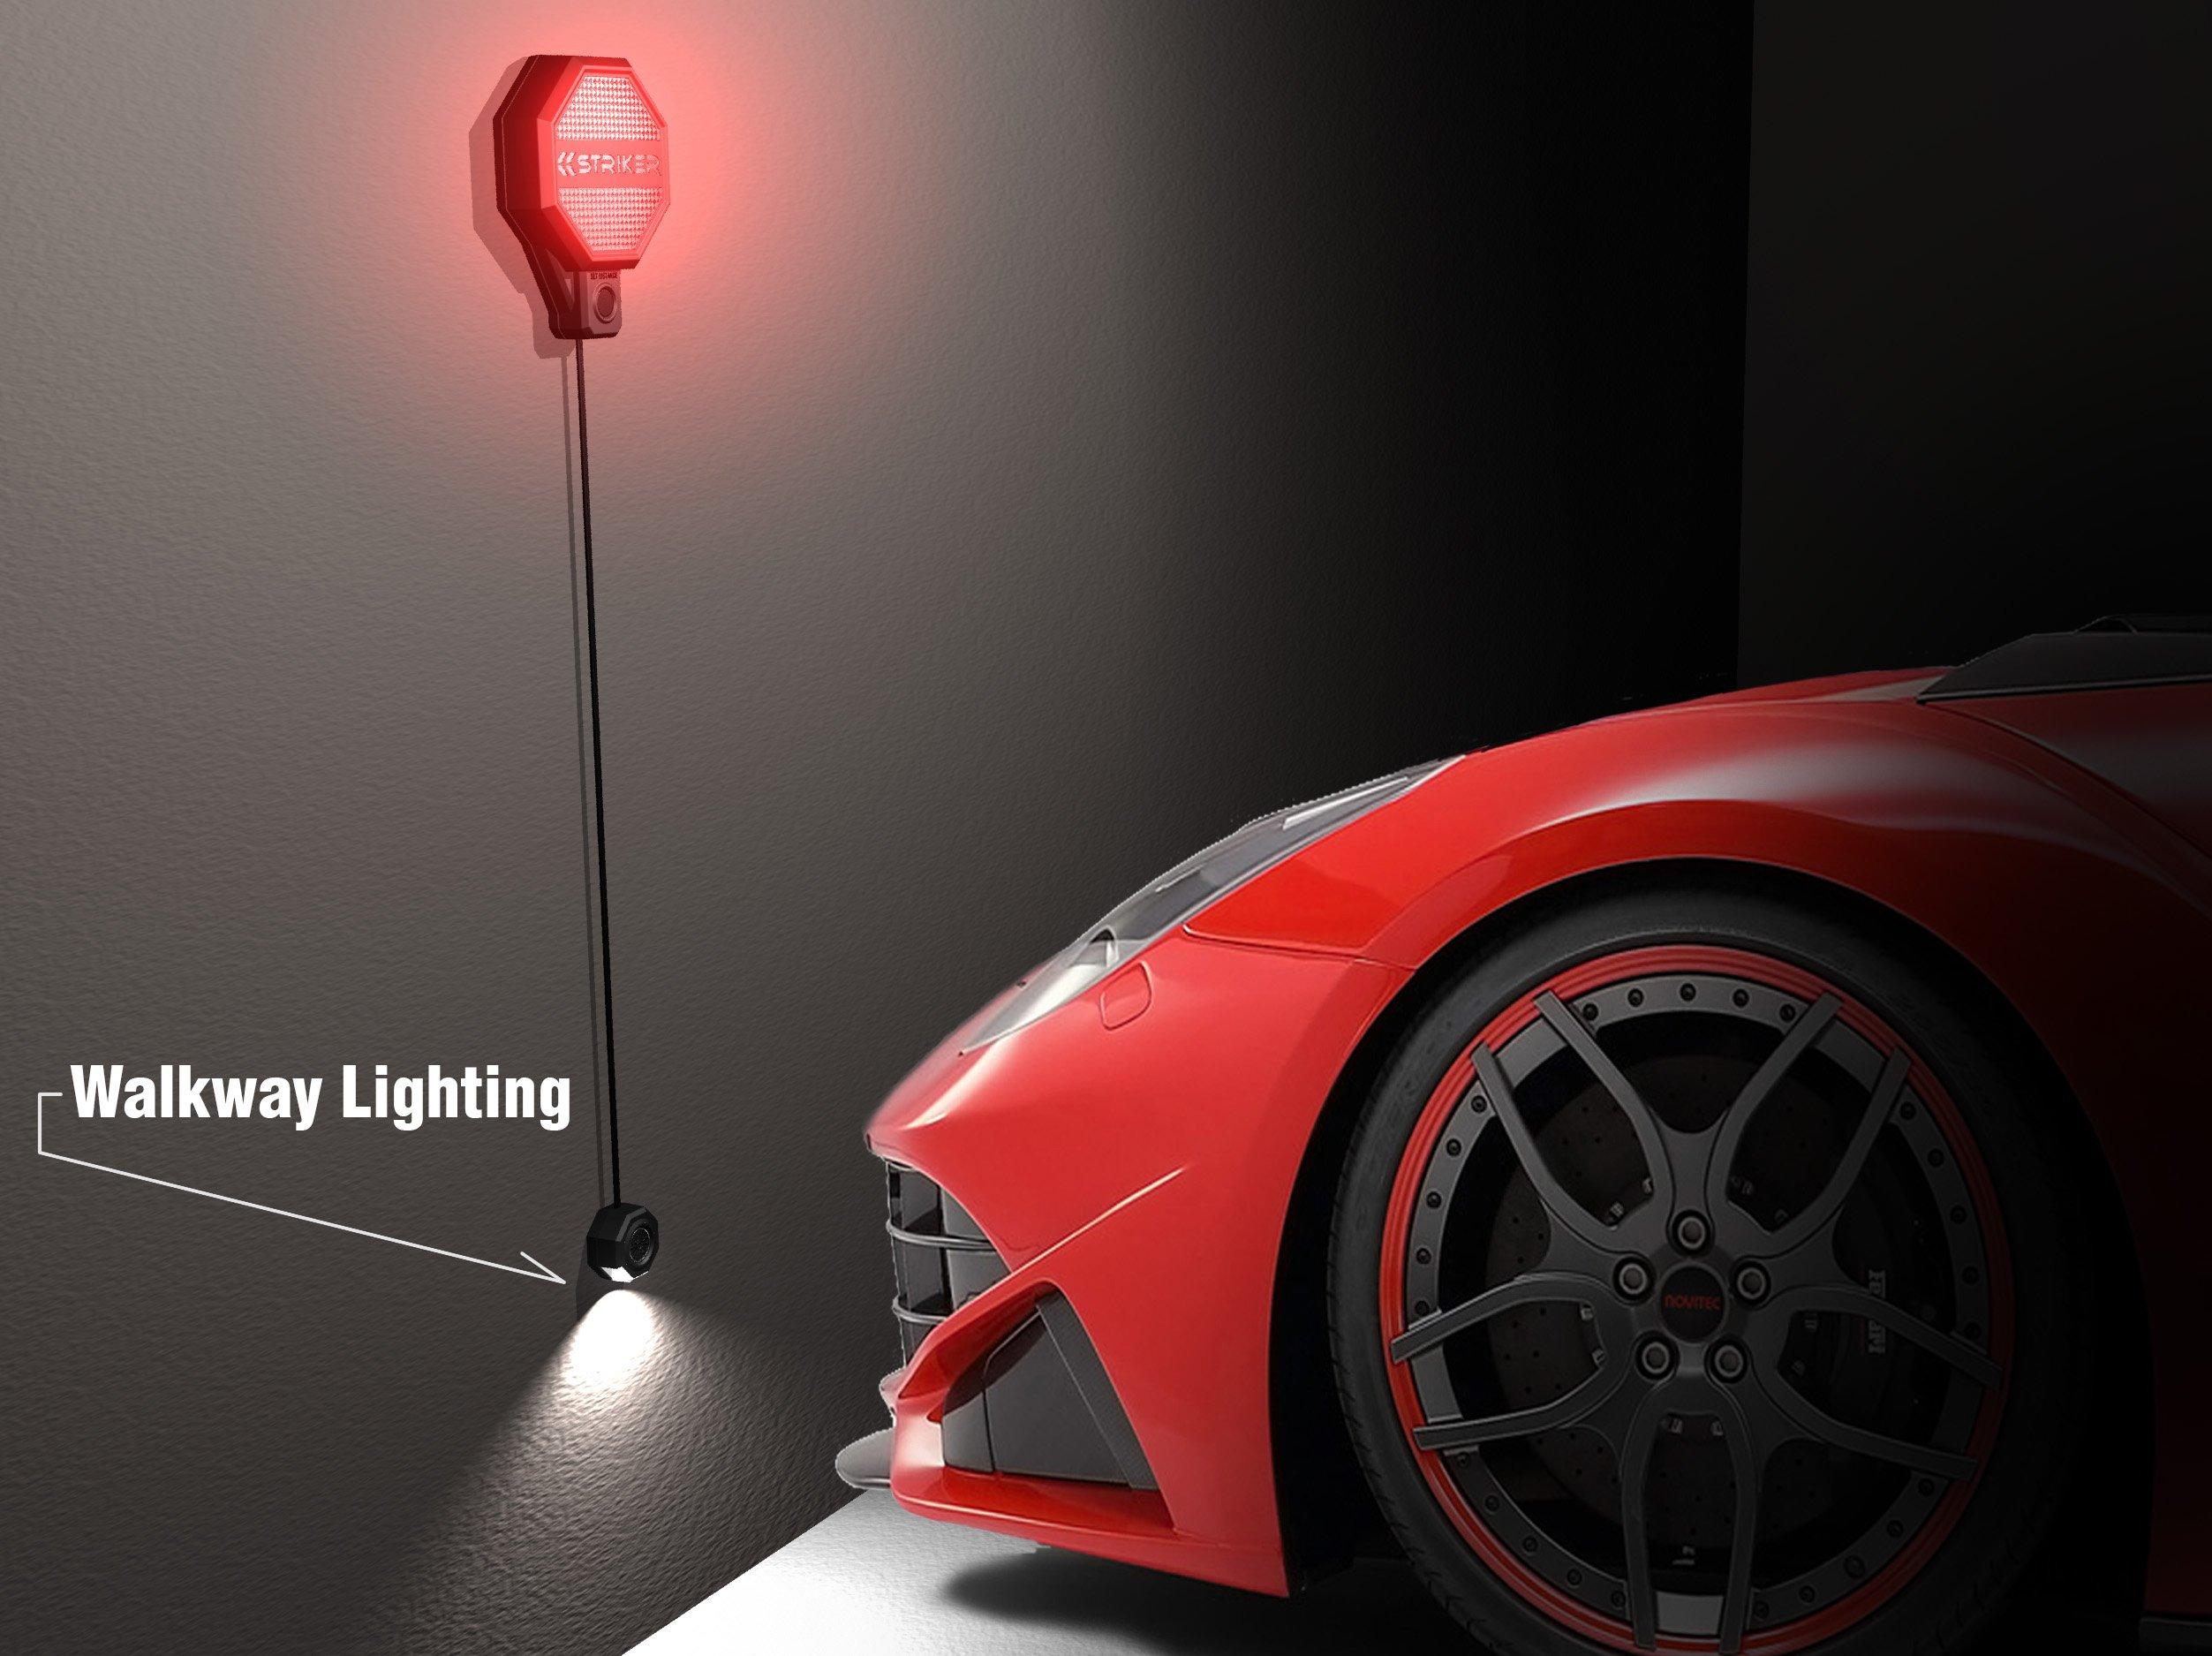 Striker Adjustable Garage Parking Sensor - Parking Aid by Striker Concepts (Image #5)